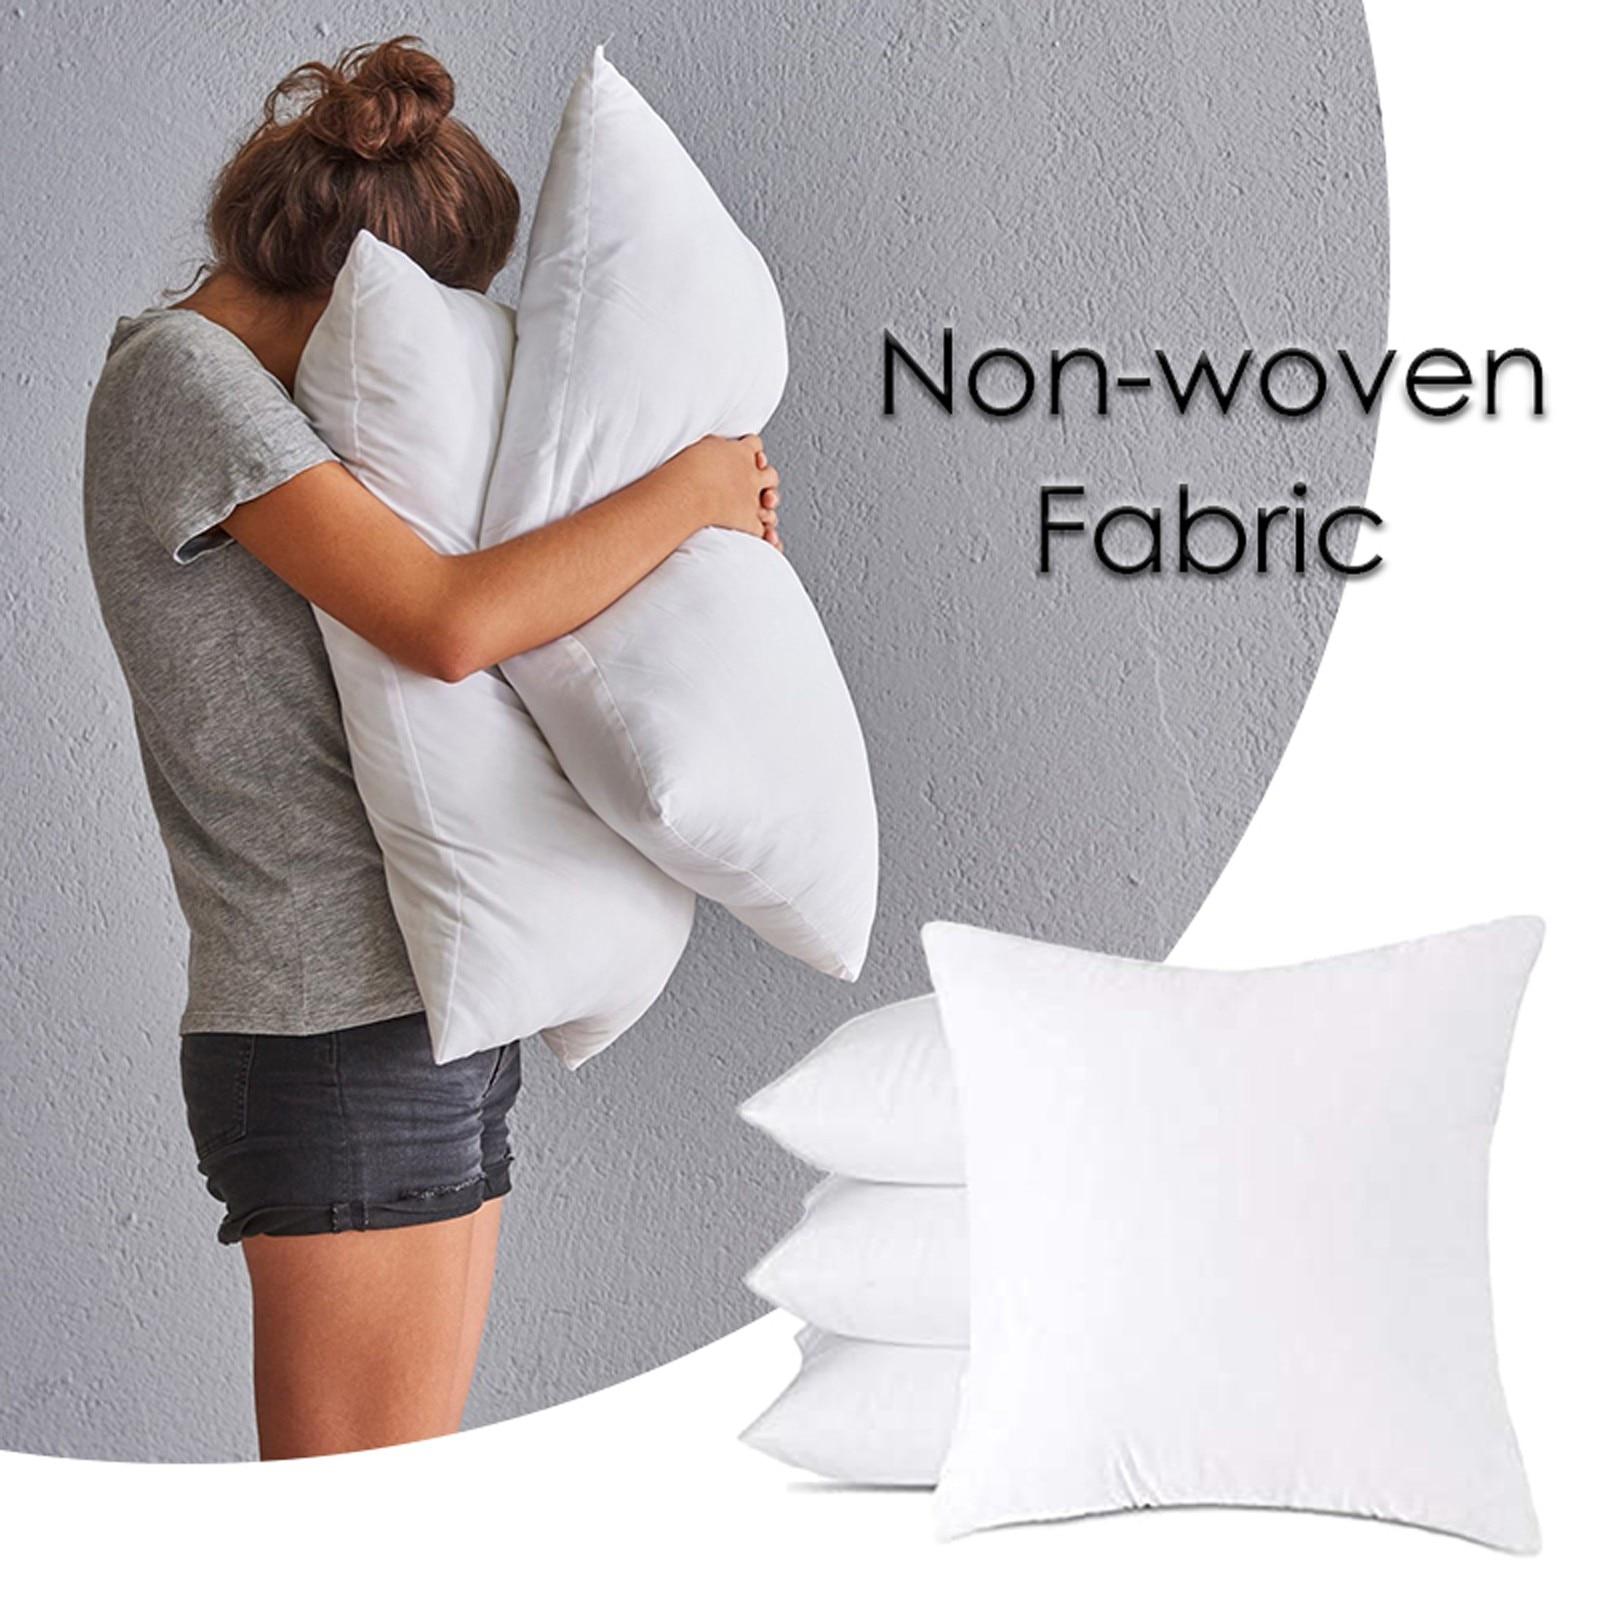 Наполнитель Подушки для изголовья кровати, Нетканая ткань с шерстяной тканью, наполнитель подушки для дома, подушка с хлопковой подкладкой ...